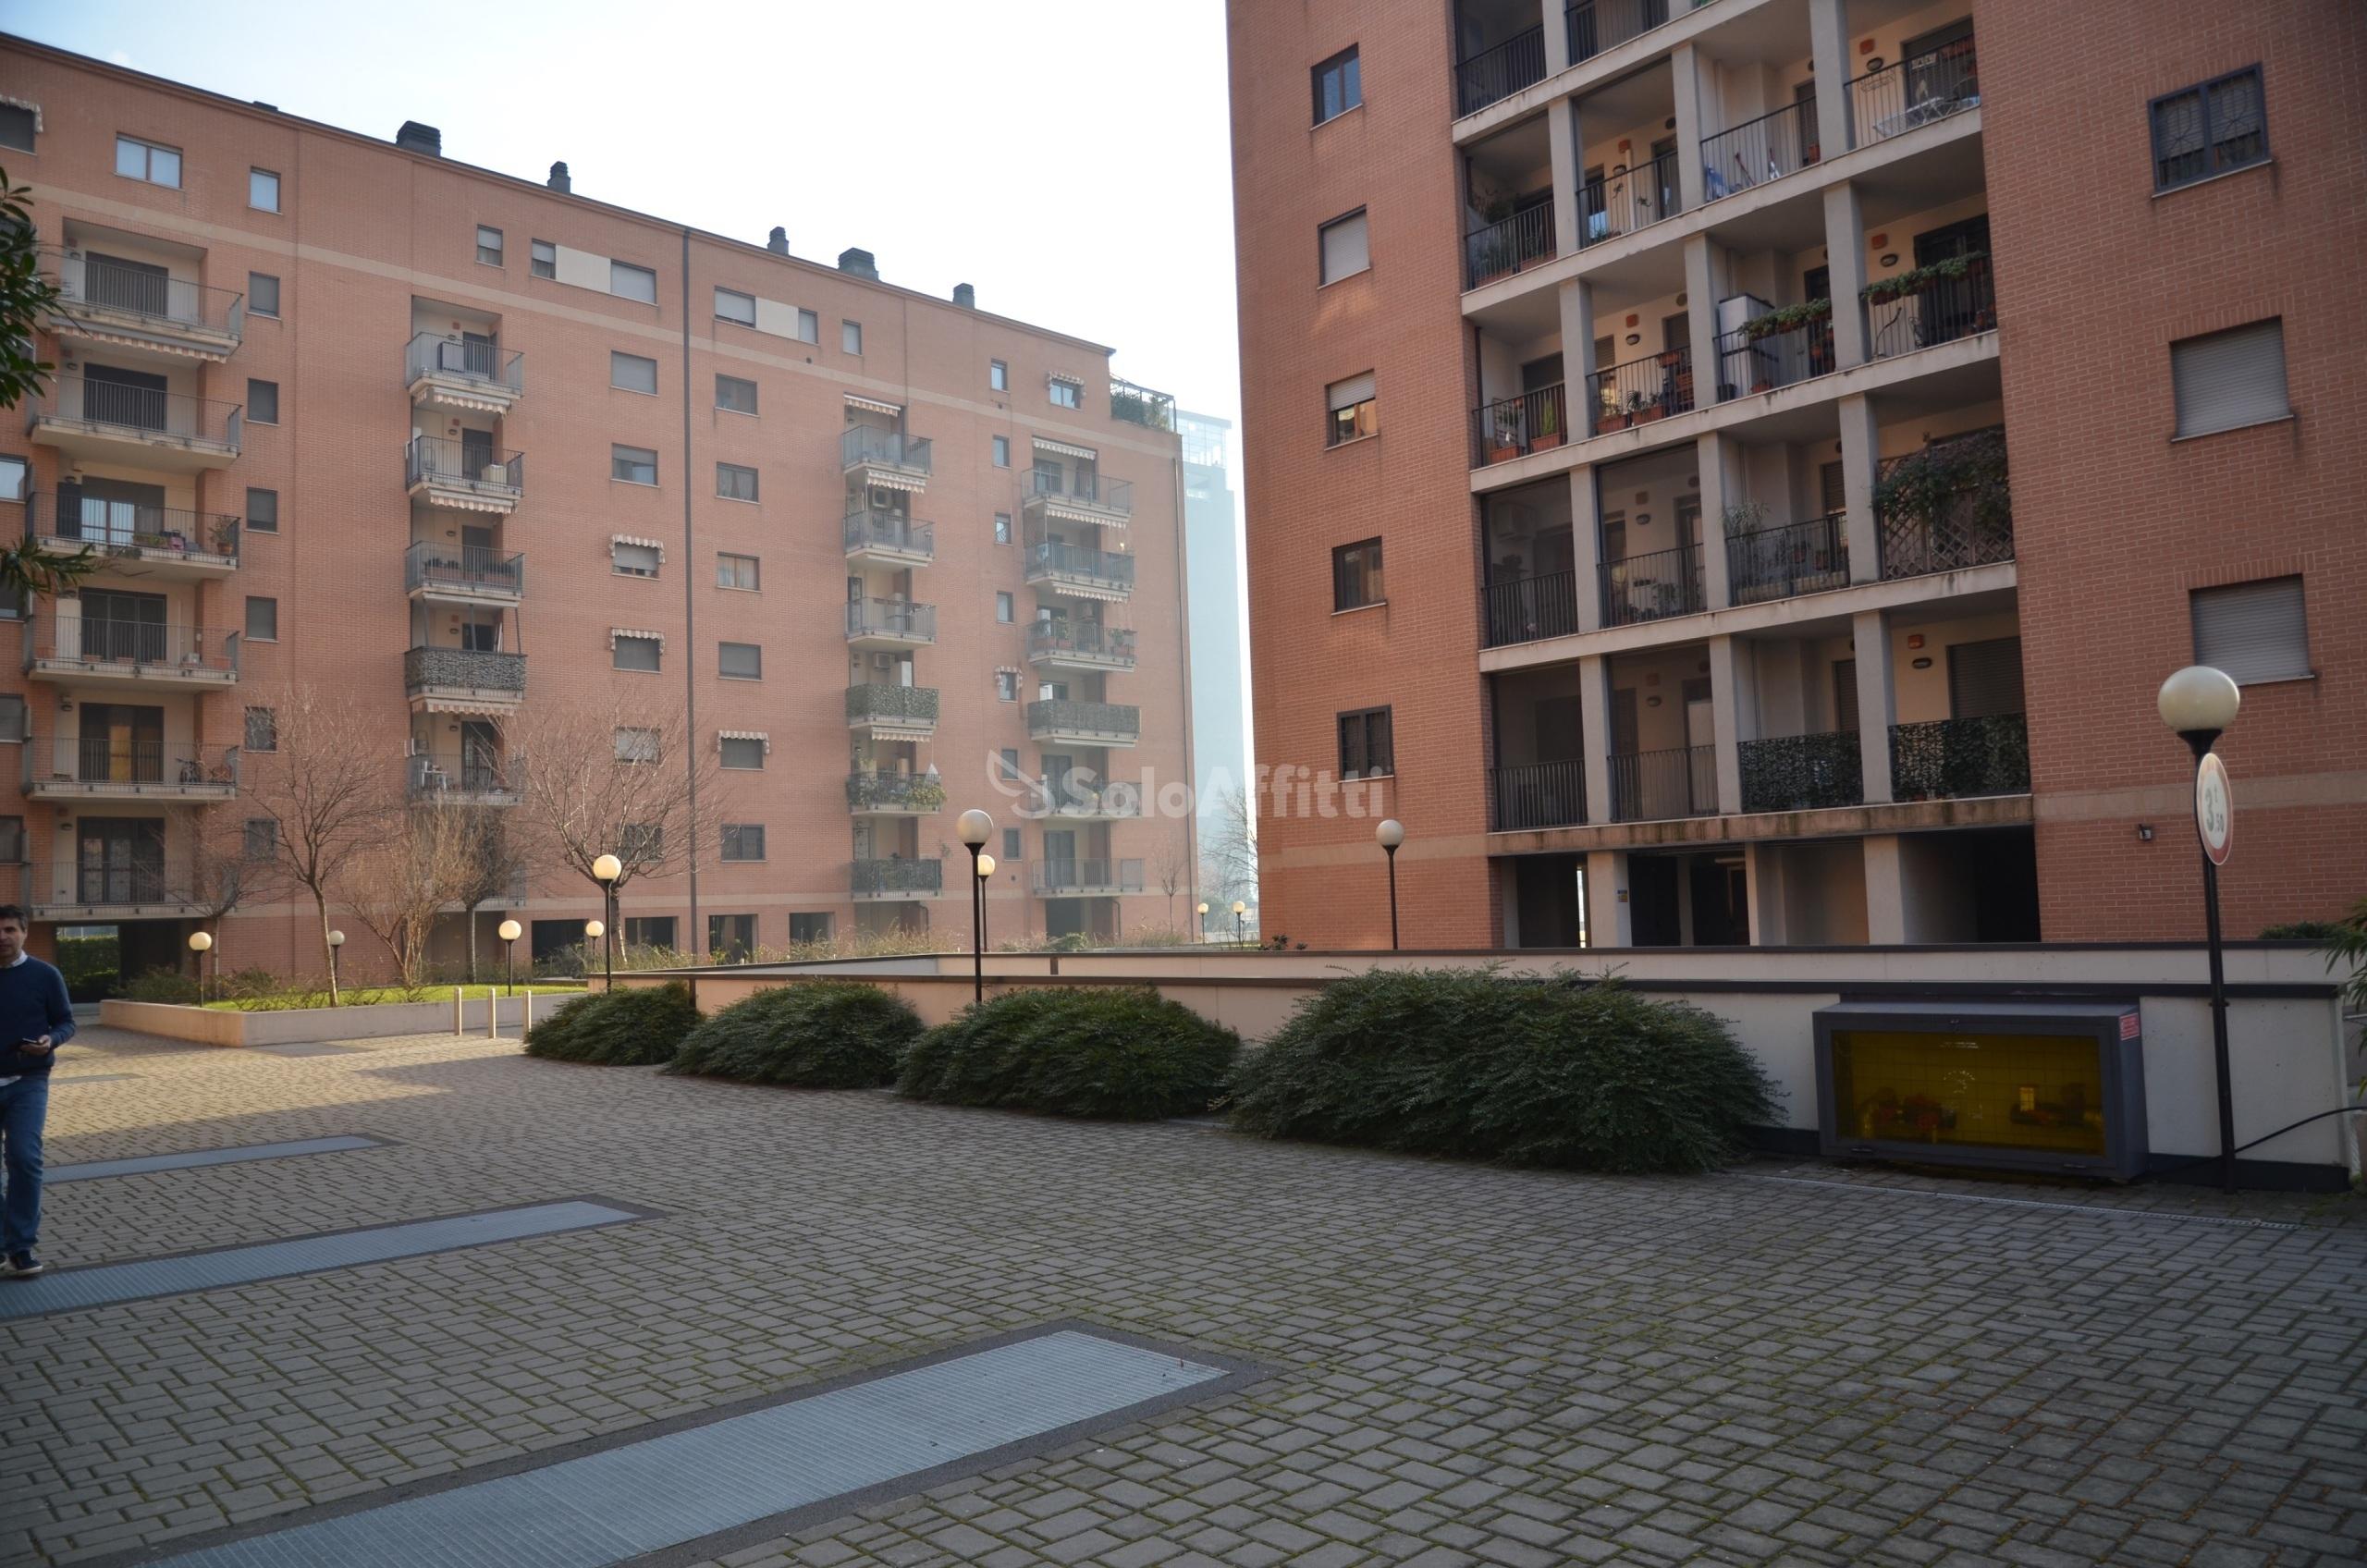 Affitto appartamento bilocale arredato for Appartamento arredato milano